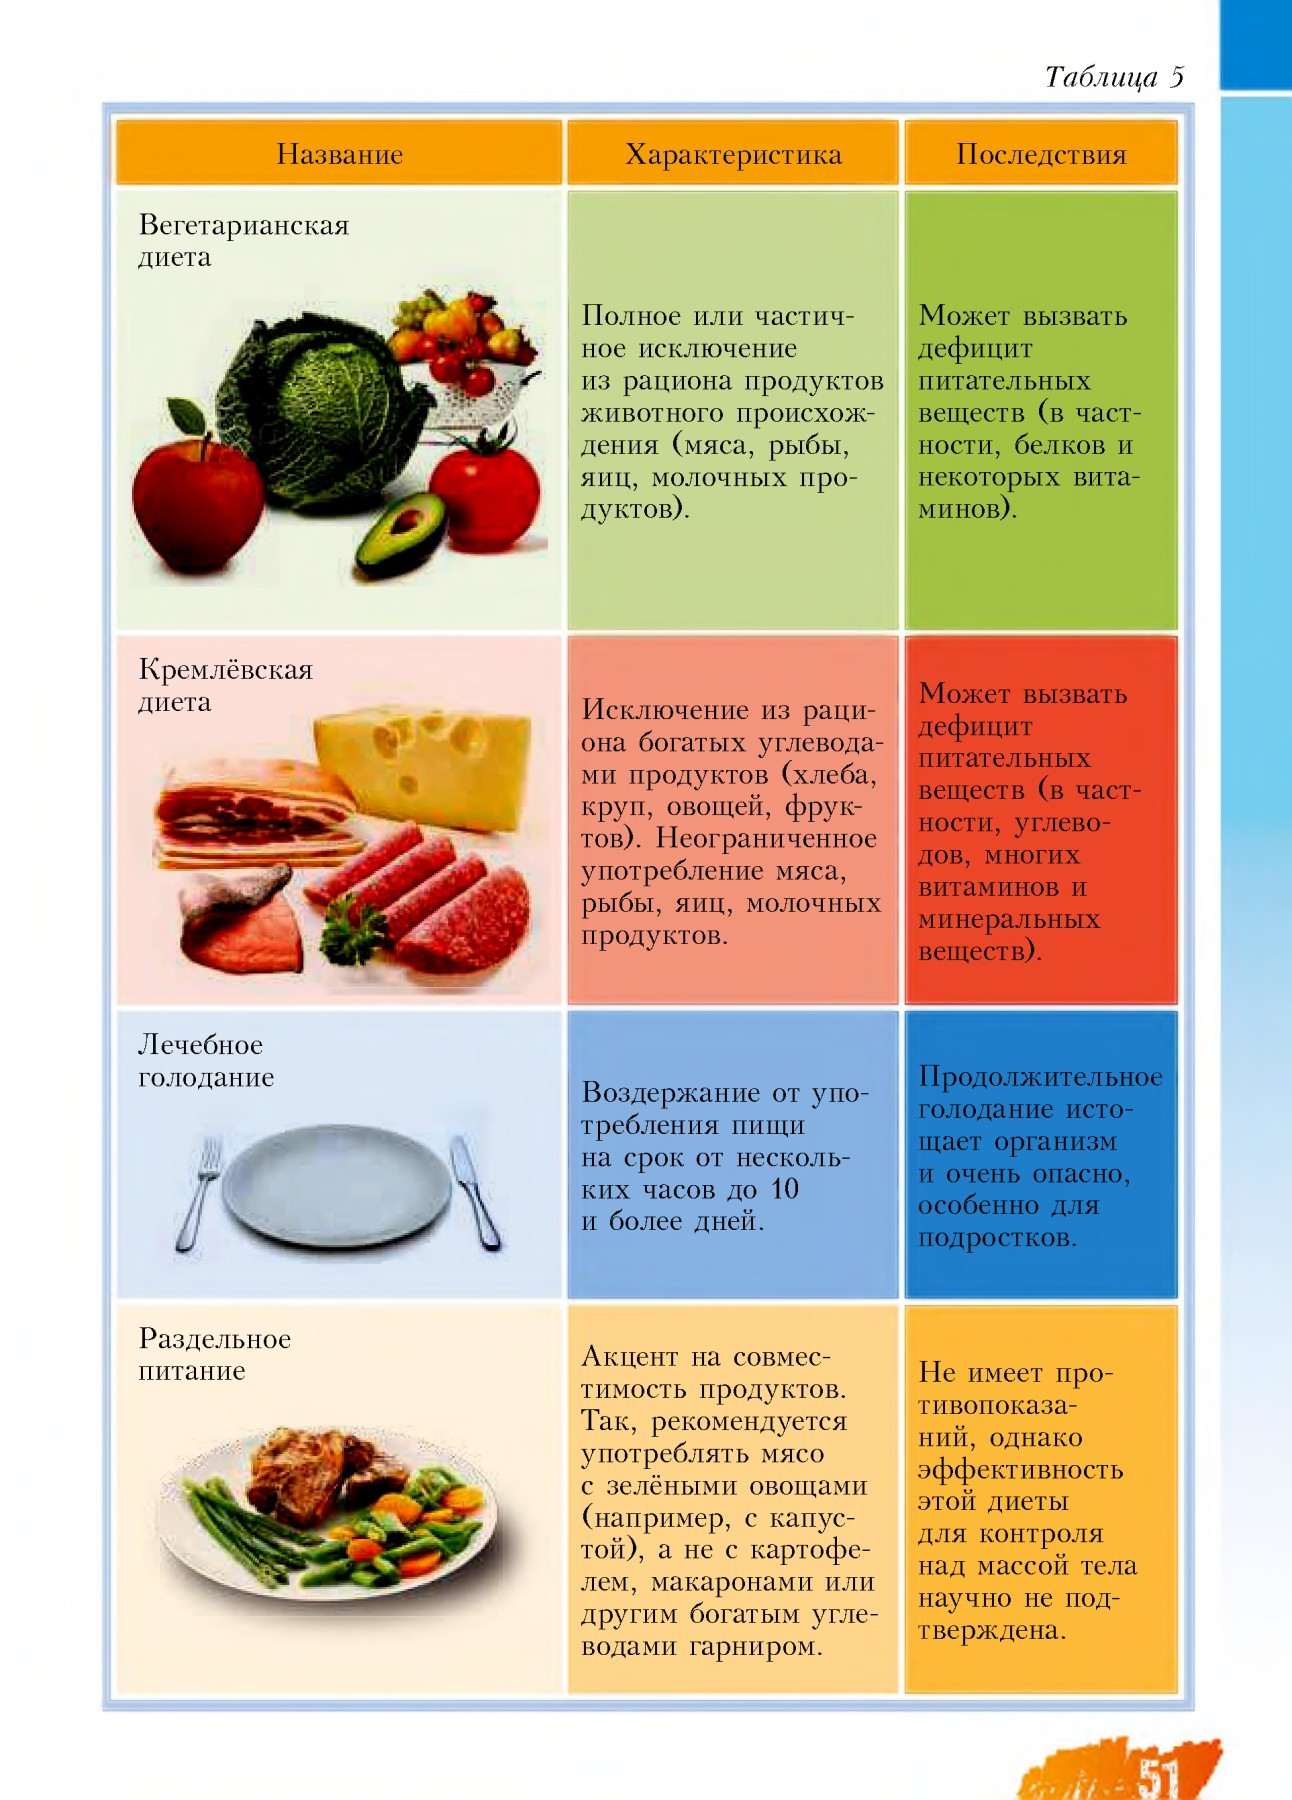 А вы знаете, чем кормить ребенка после рвоты (разрешенные продукты, правила питания)?